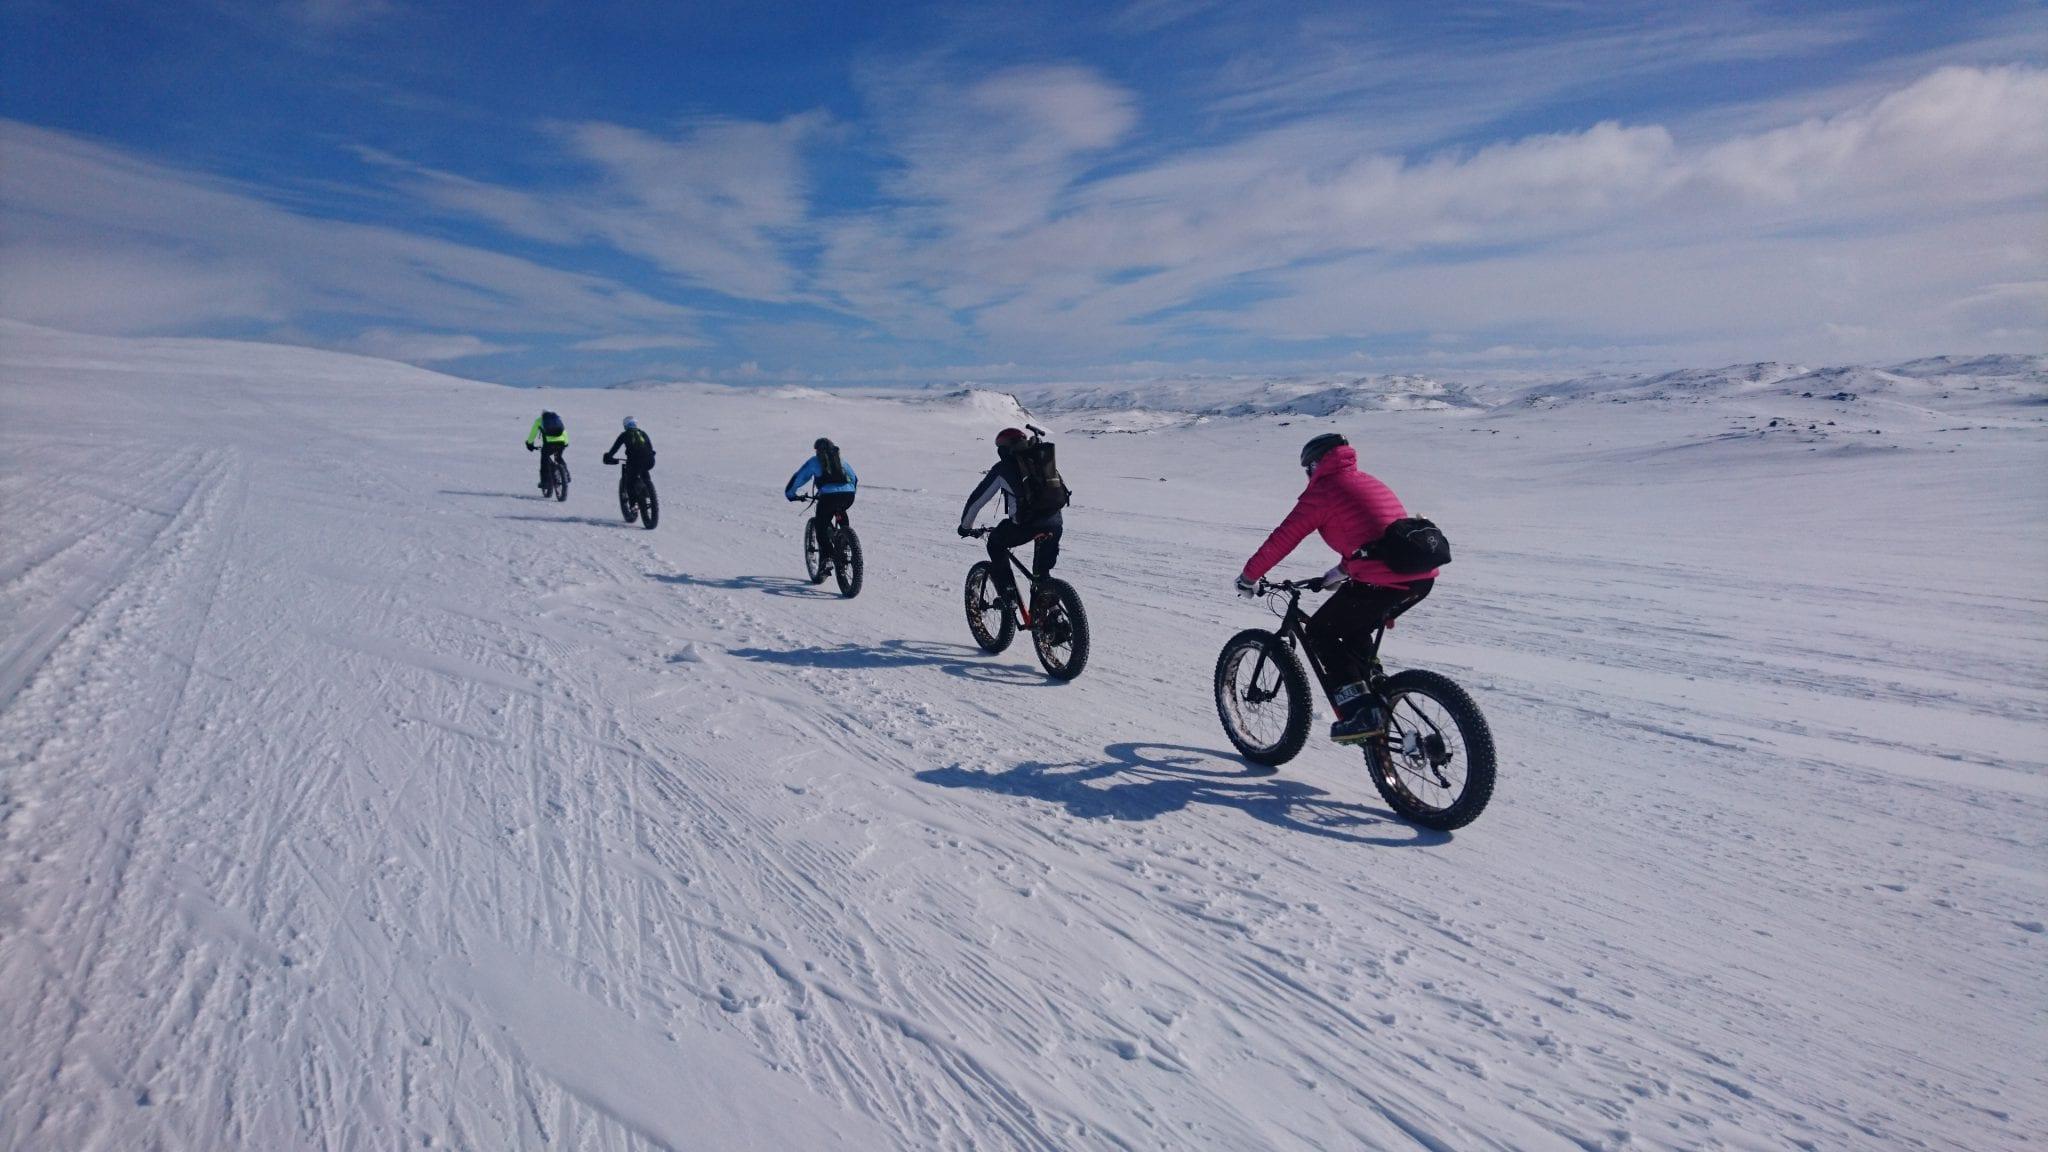 Mrennesker på FatBike gjennom snødekket landskap